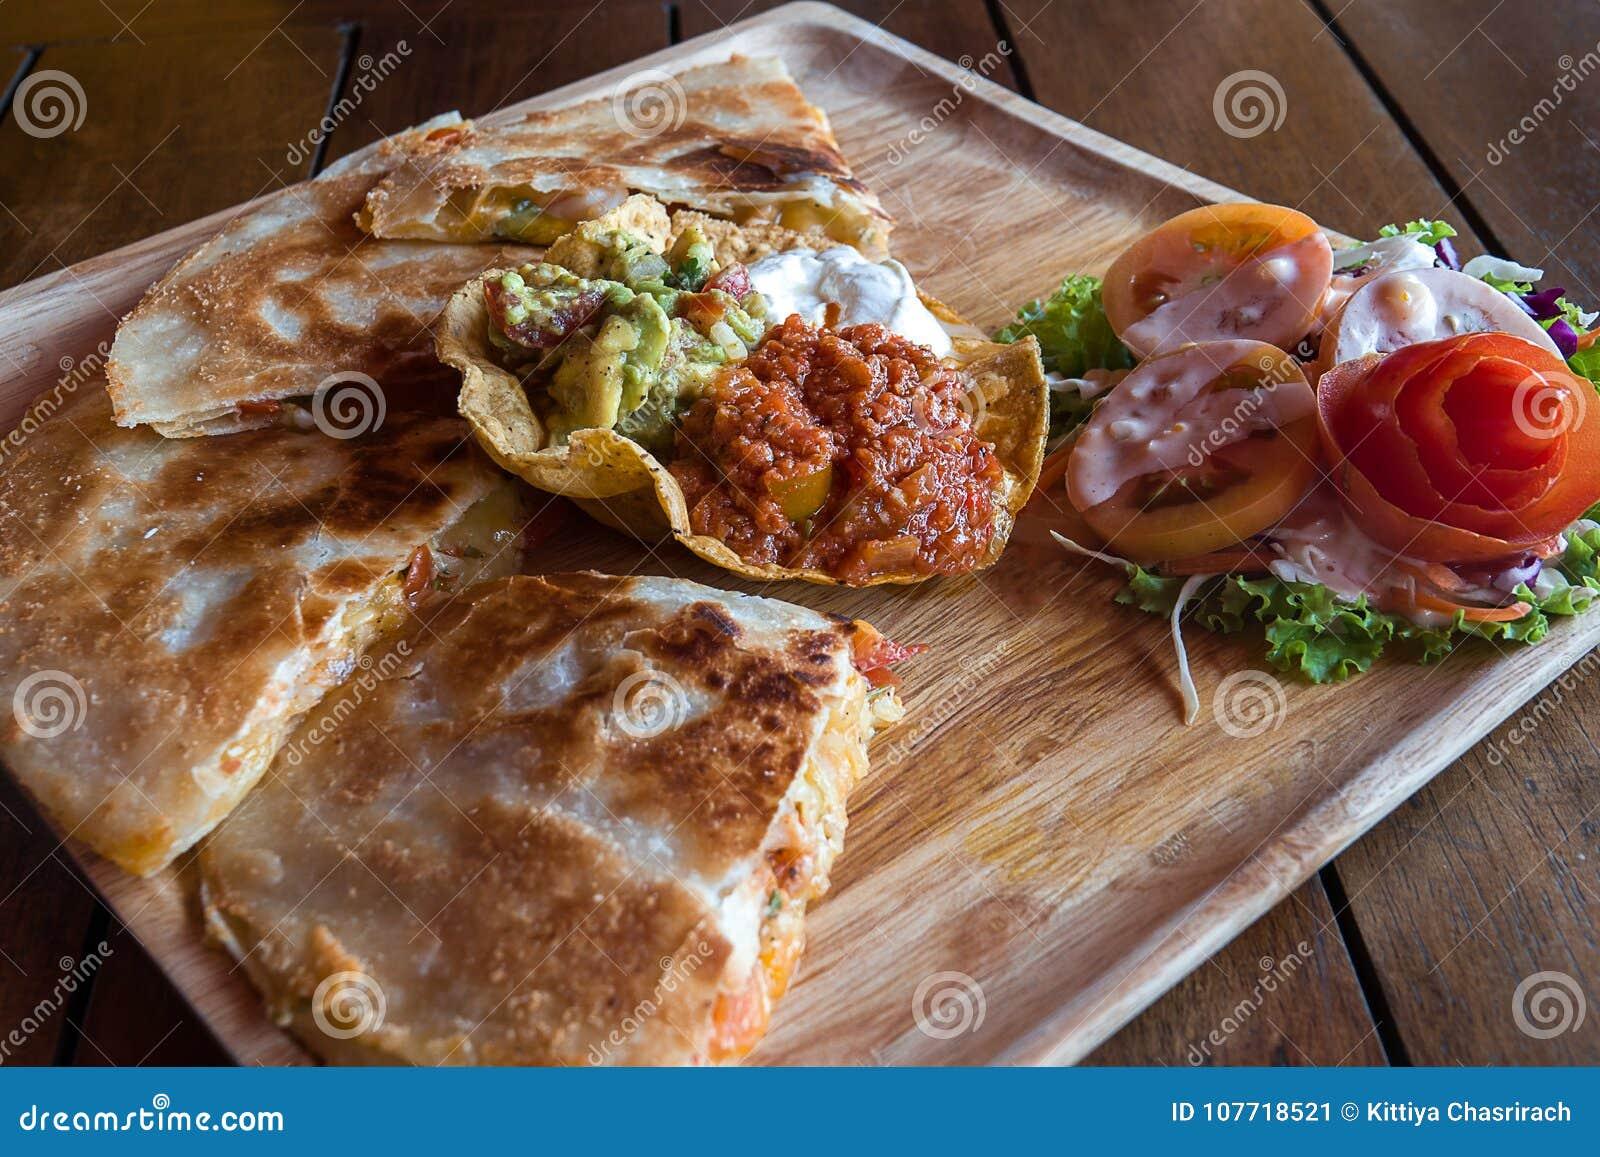 Quesadilla Mexican food